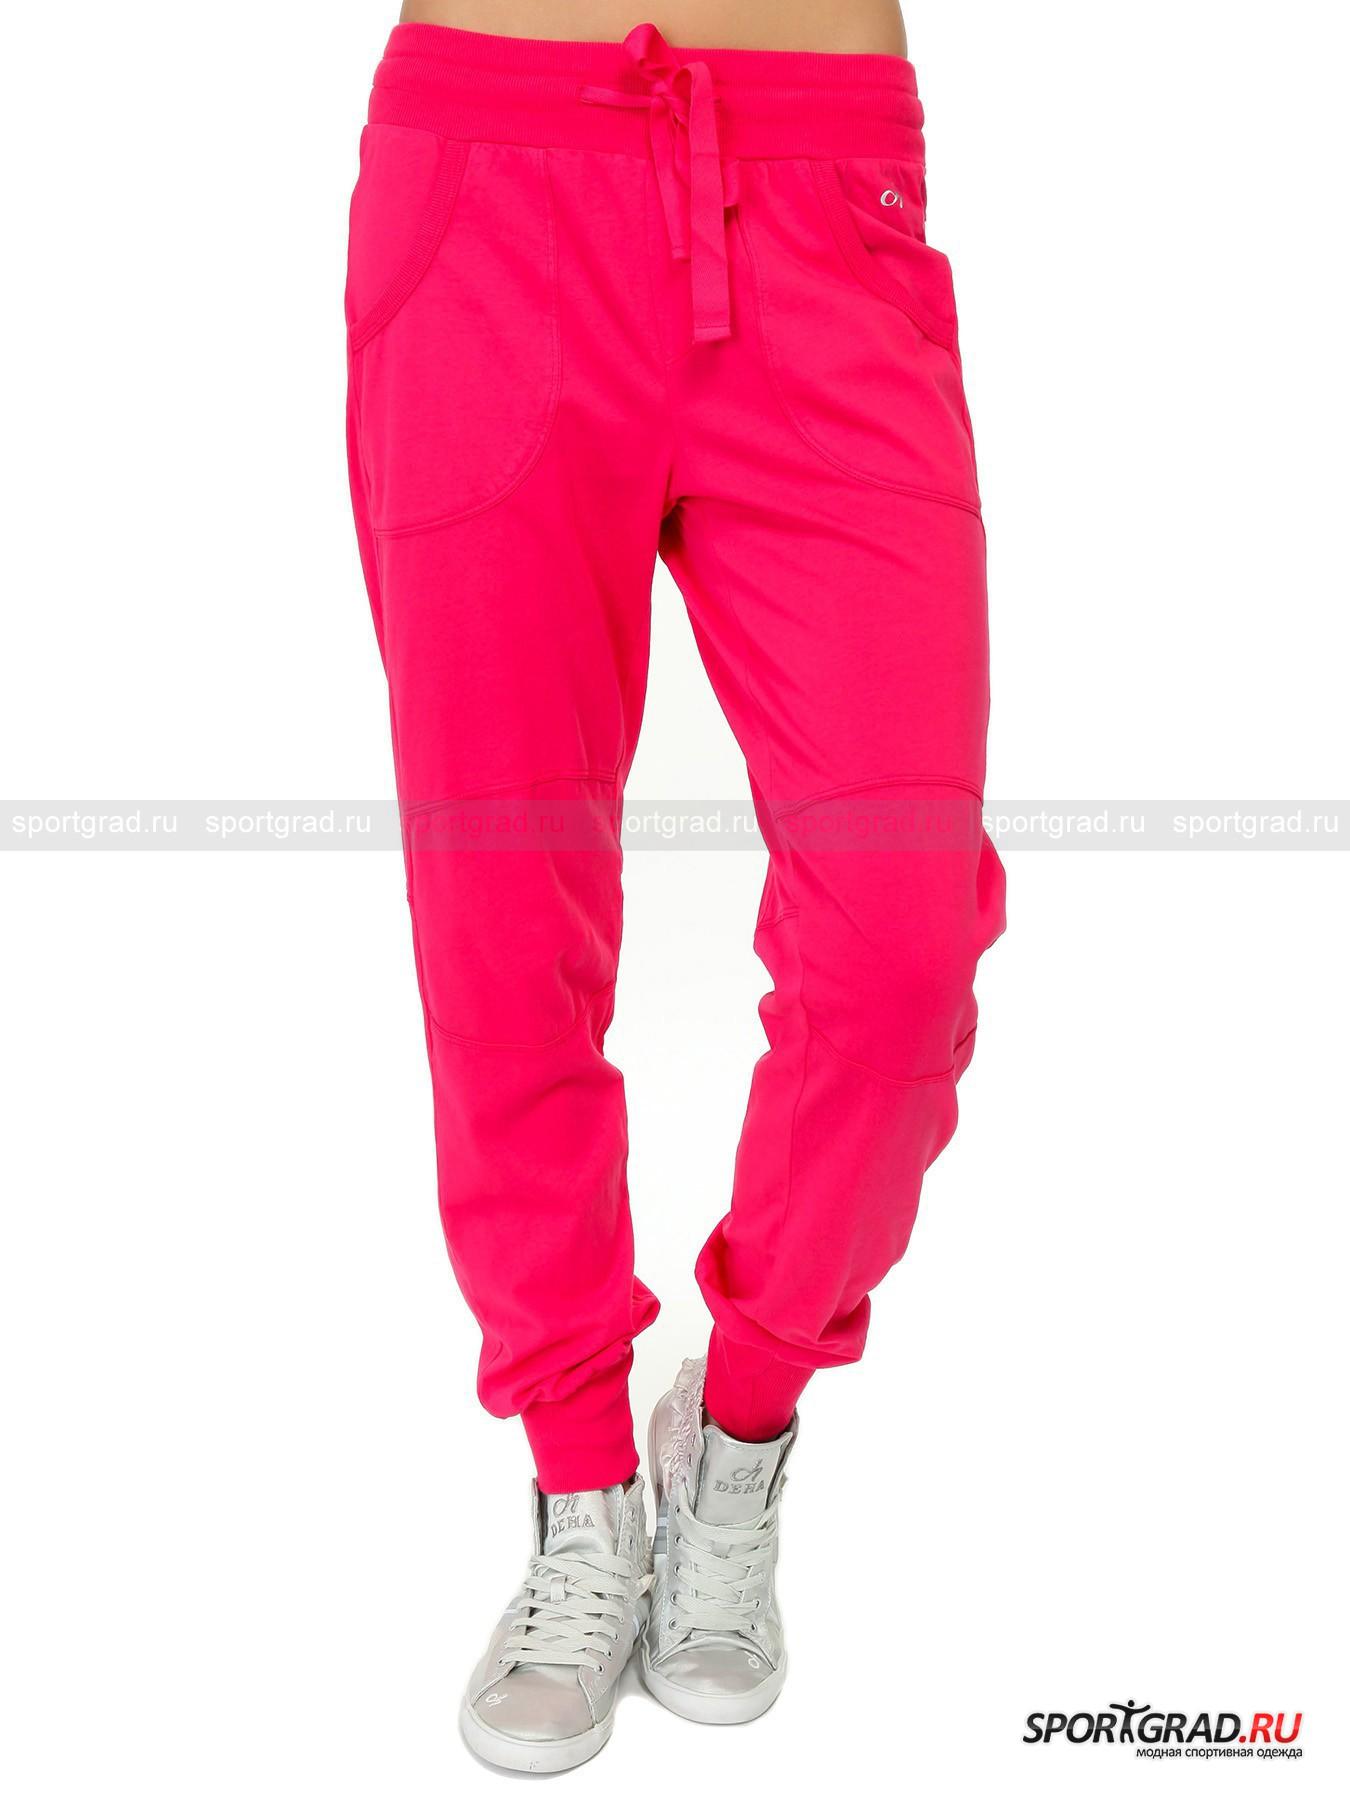 Брюки женские в спортивном стиле Pants DEHAБрюки<br>Многие люди любят заниматься спортом в одежде ярких цветов. Это желание вполне понятно – жизнерадостные оттенки поднимают настроение и заряжают энергией, столь необходимой на пути к спортивным свершениям. В этих броских хлопковых брюках модного цвета фуксии вы точно с легкостью будете совершенствовать результаты и расти над собой каждый день.<br><br>Особенности модели:<br>- эластичный пояс с шнурком на кулиске;<br>- трикотажные манжеты внизу штанин;<br>- поперечные швы в области коленей;<br>- кокетка и два полукруглых накладных кармана сзади;<br>-  глубокие прорезные карманы спереди, ограниченные декоративным швом;<br>- логотип Deha над левым карманом.<br><br>Пол: Женский<br>Возраст: Взрослый<br>Тип: Брюки<br>Рекомендации по уходу: стирка в теплой воде до 30 С; не отбеливать; гладить слегка нагретым утюгом (температура до 120 C); только сухая чистка; нельзя выжимать и сушить в стиральной машине<br>Состав: 100% хлопок